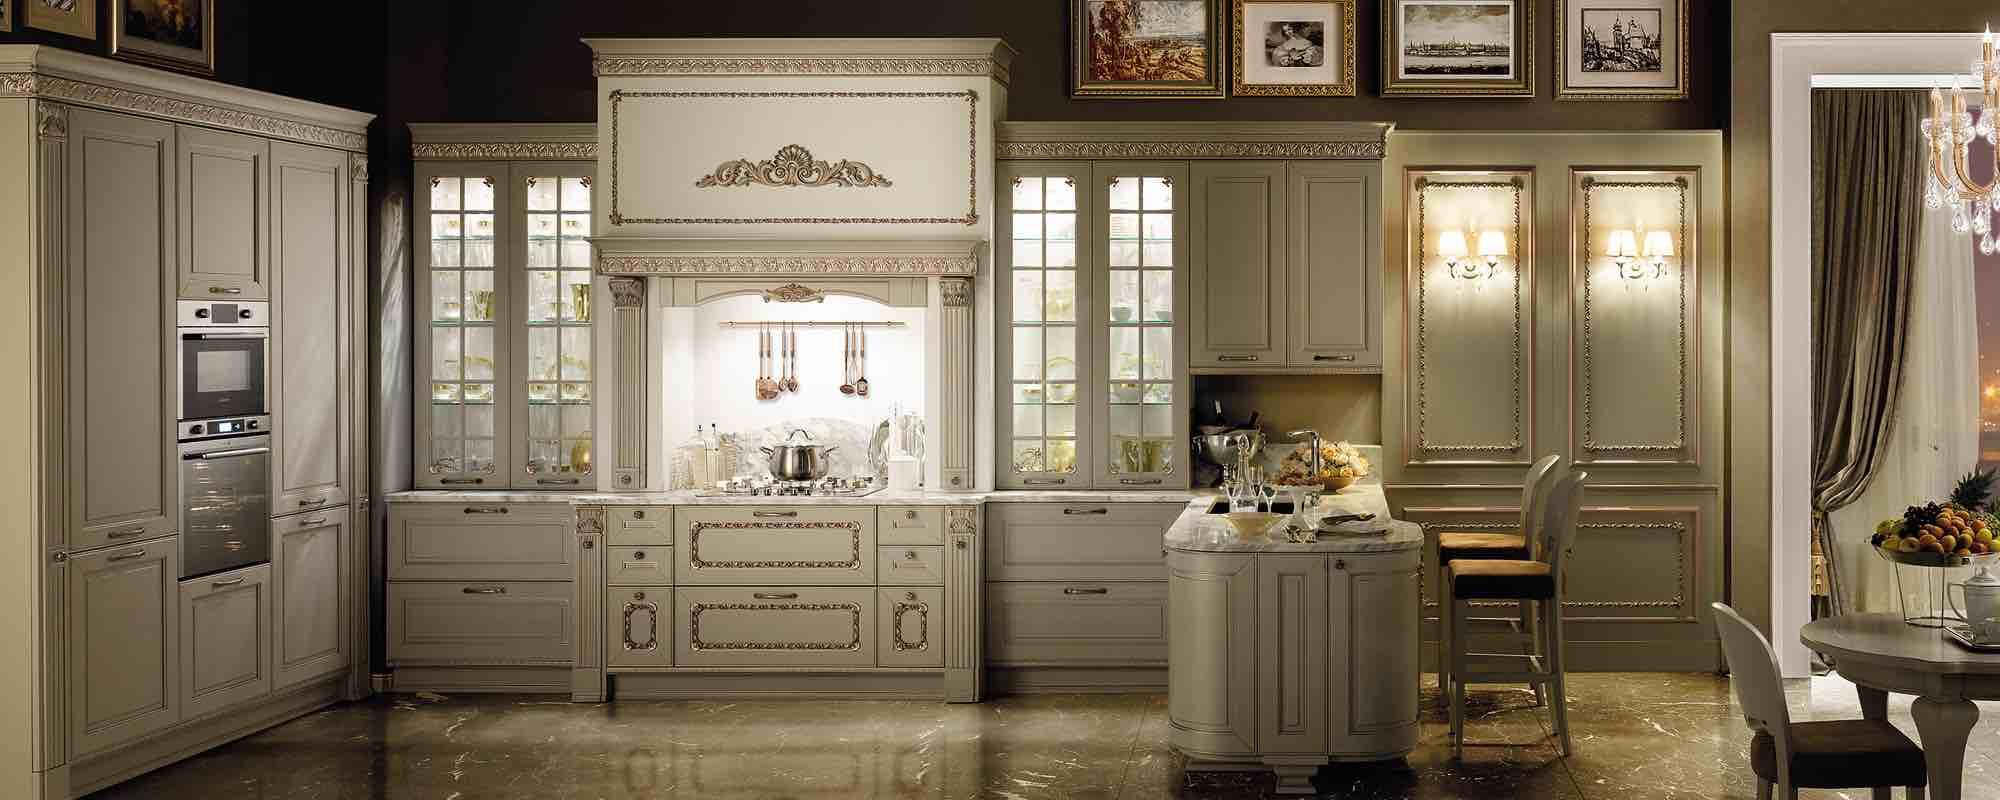 Cucine Componibili Vibo Valentia : Cucine classiche vibo valentia scarcia arredamenti